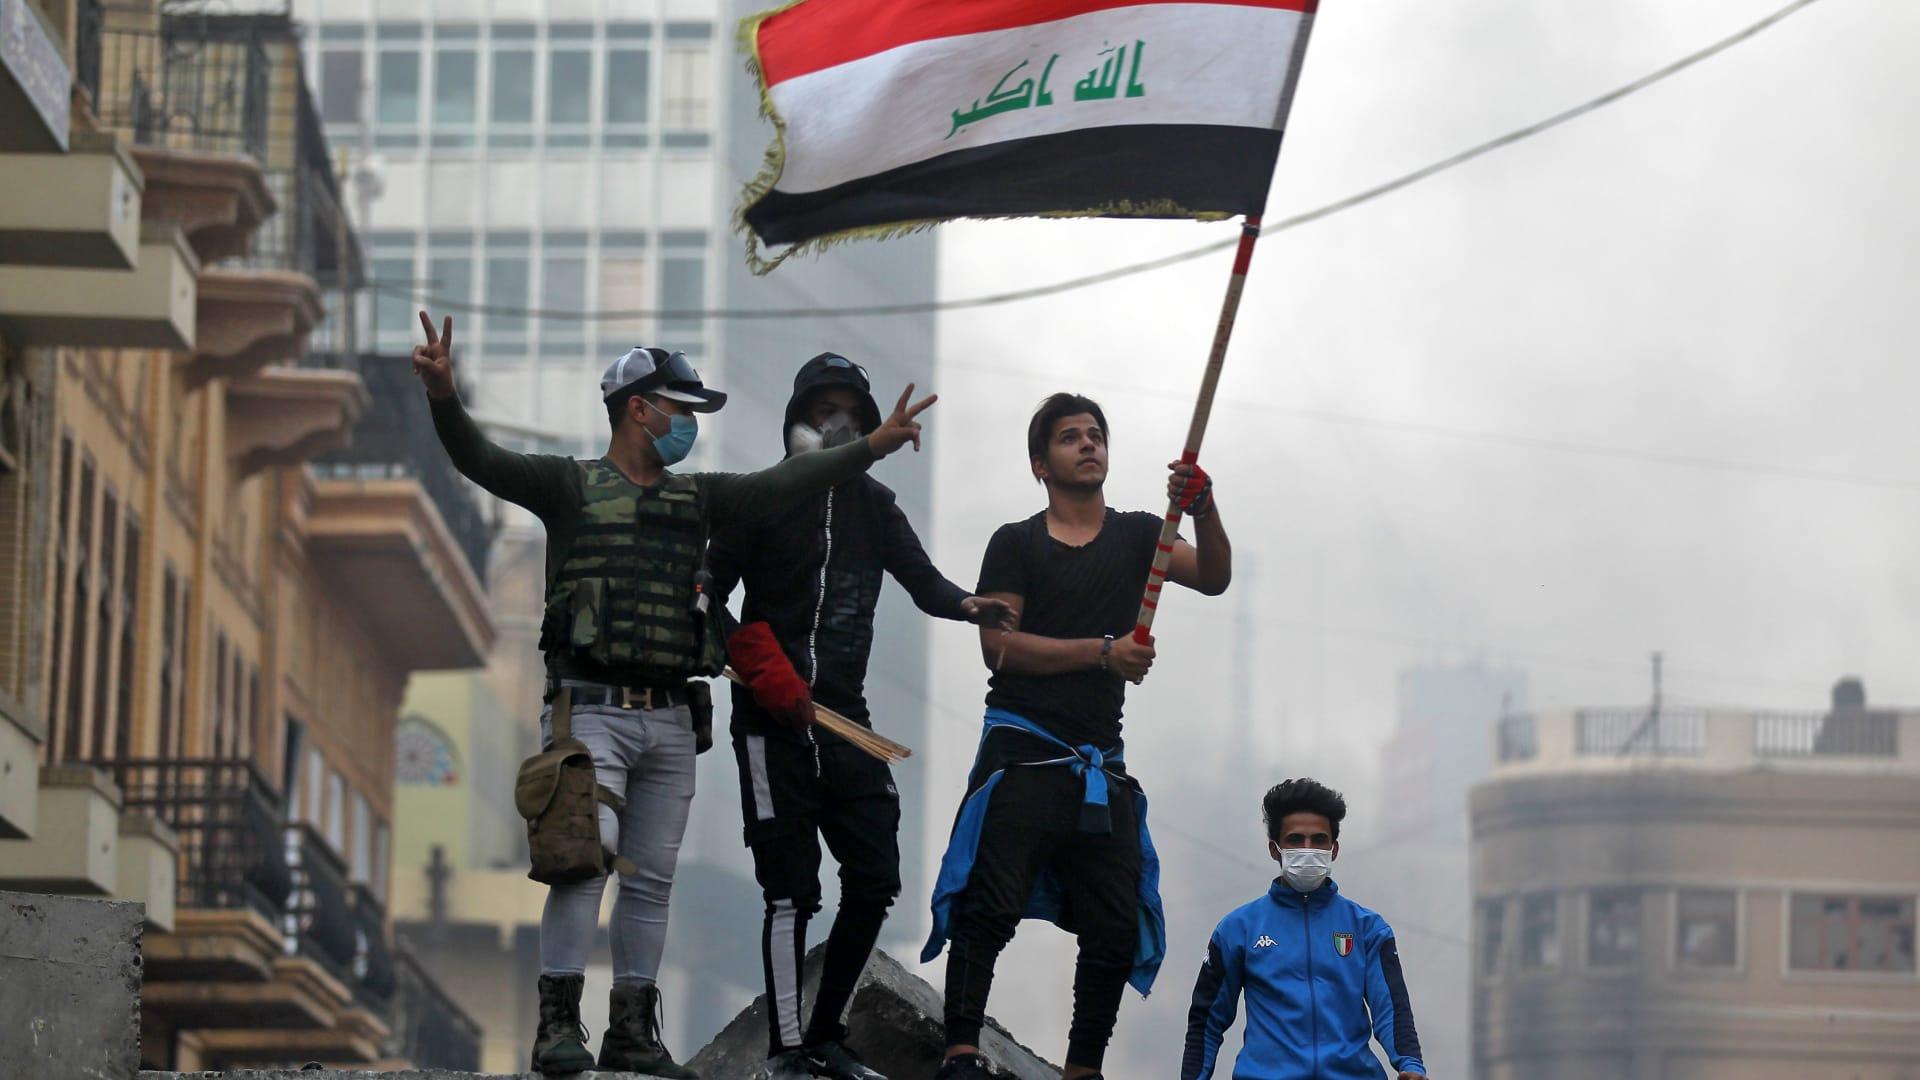 صورة ارشيفية من مظاهرات العراق